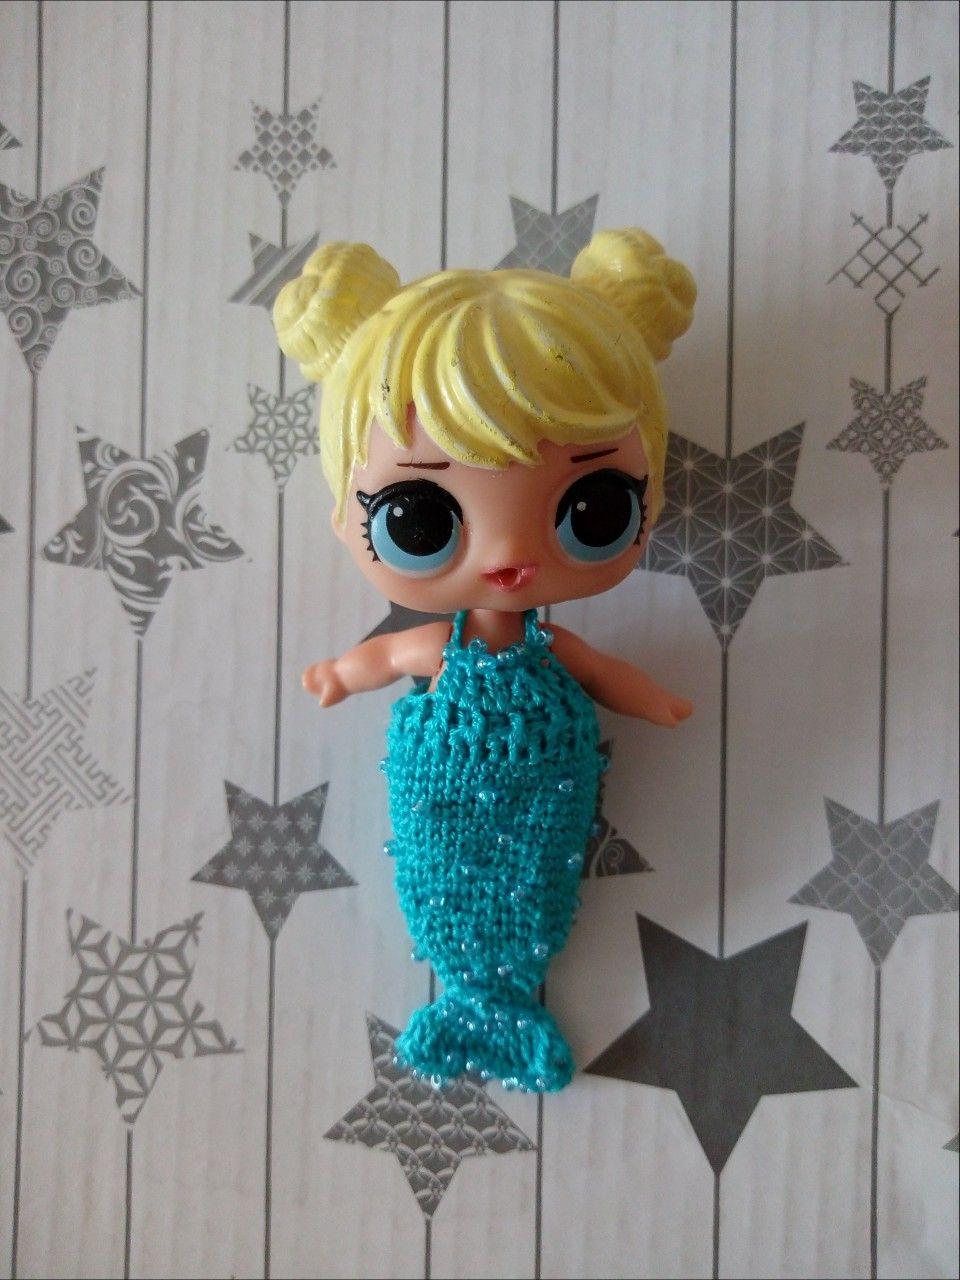 Doll lol кукла лол   Куклы, Кукольная одежда